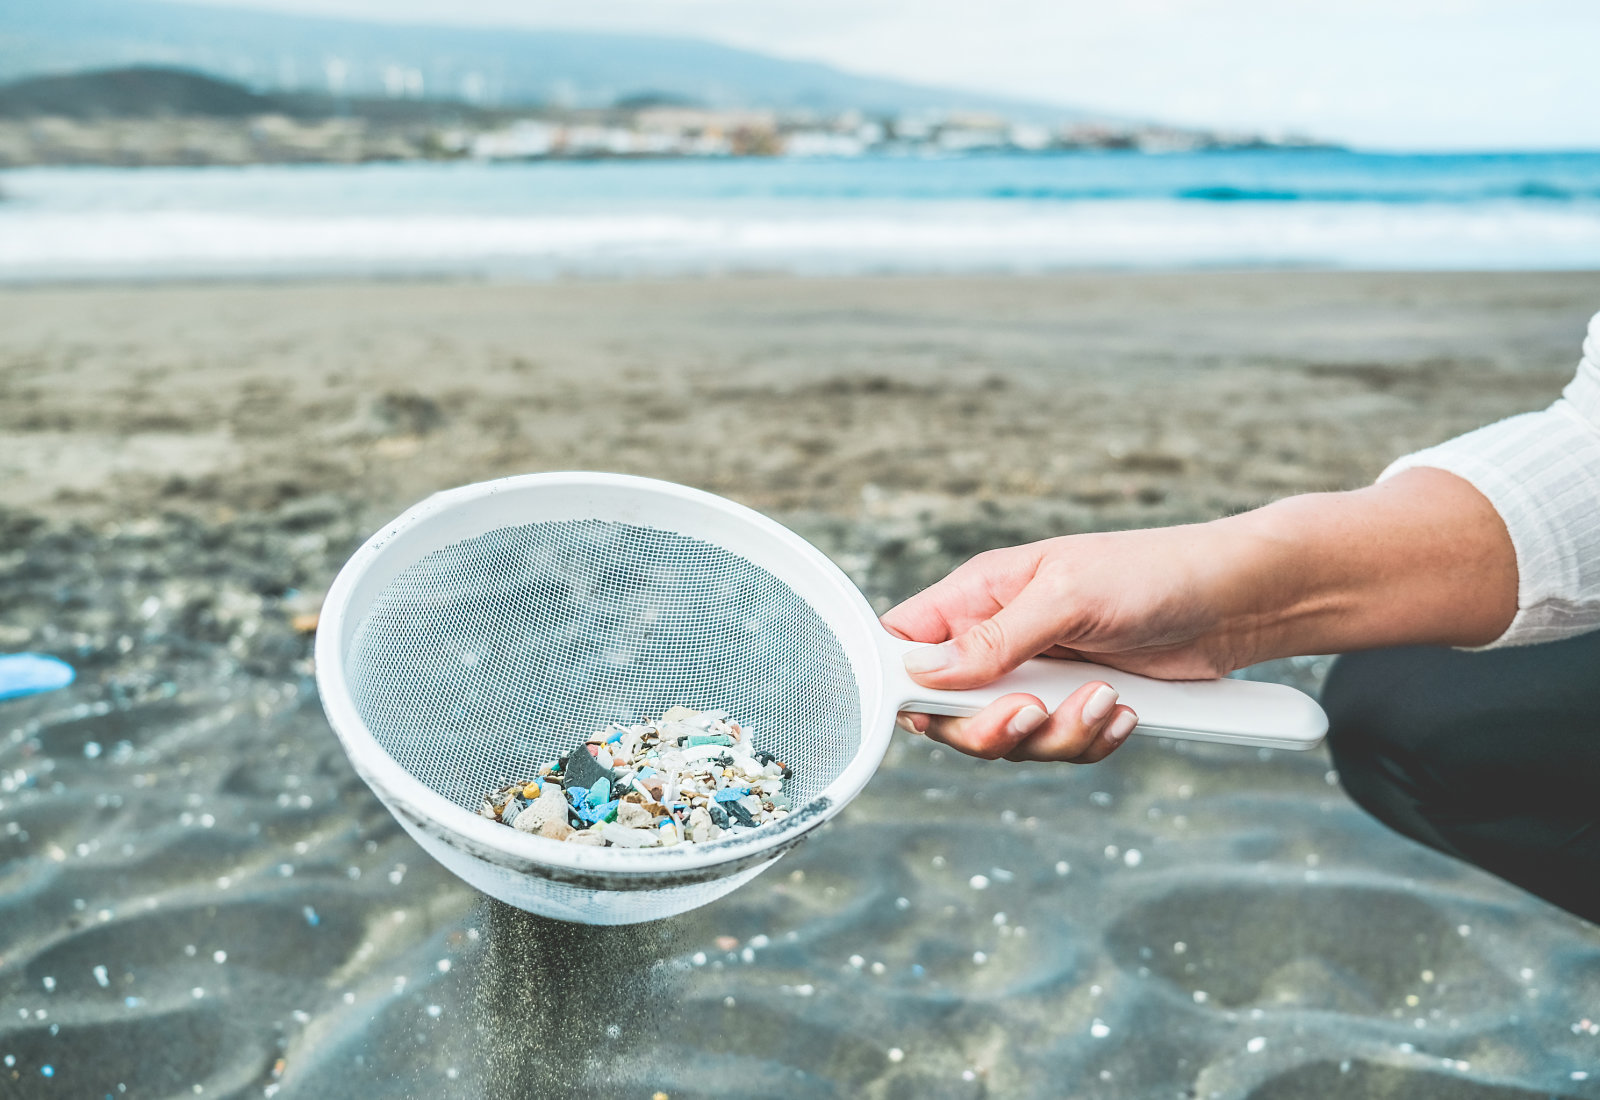 Clientes de EPA apoyarán proyecto ecológico de Fudena